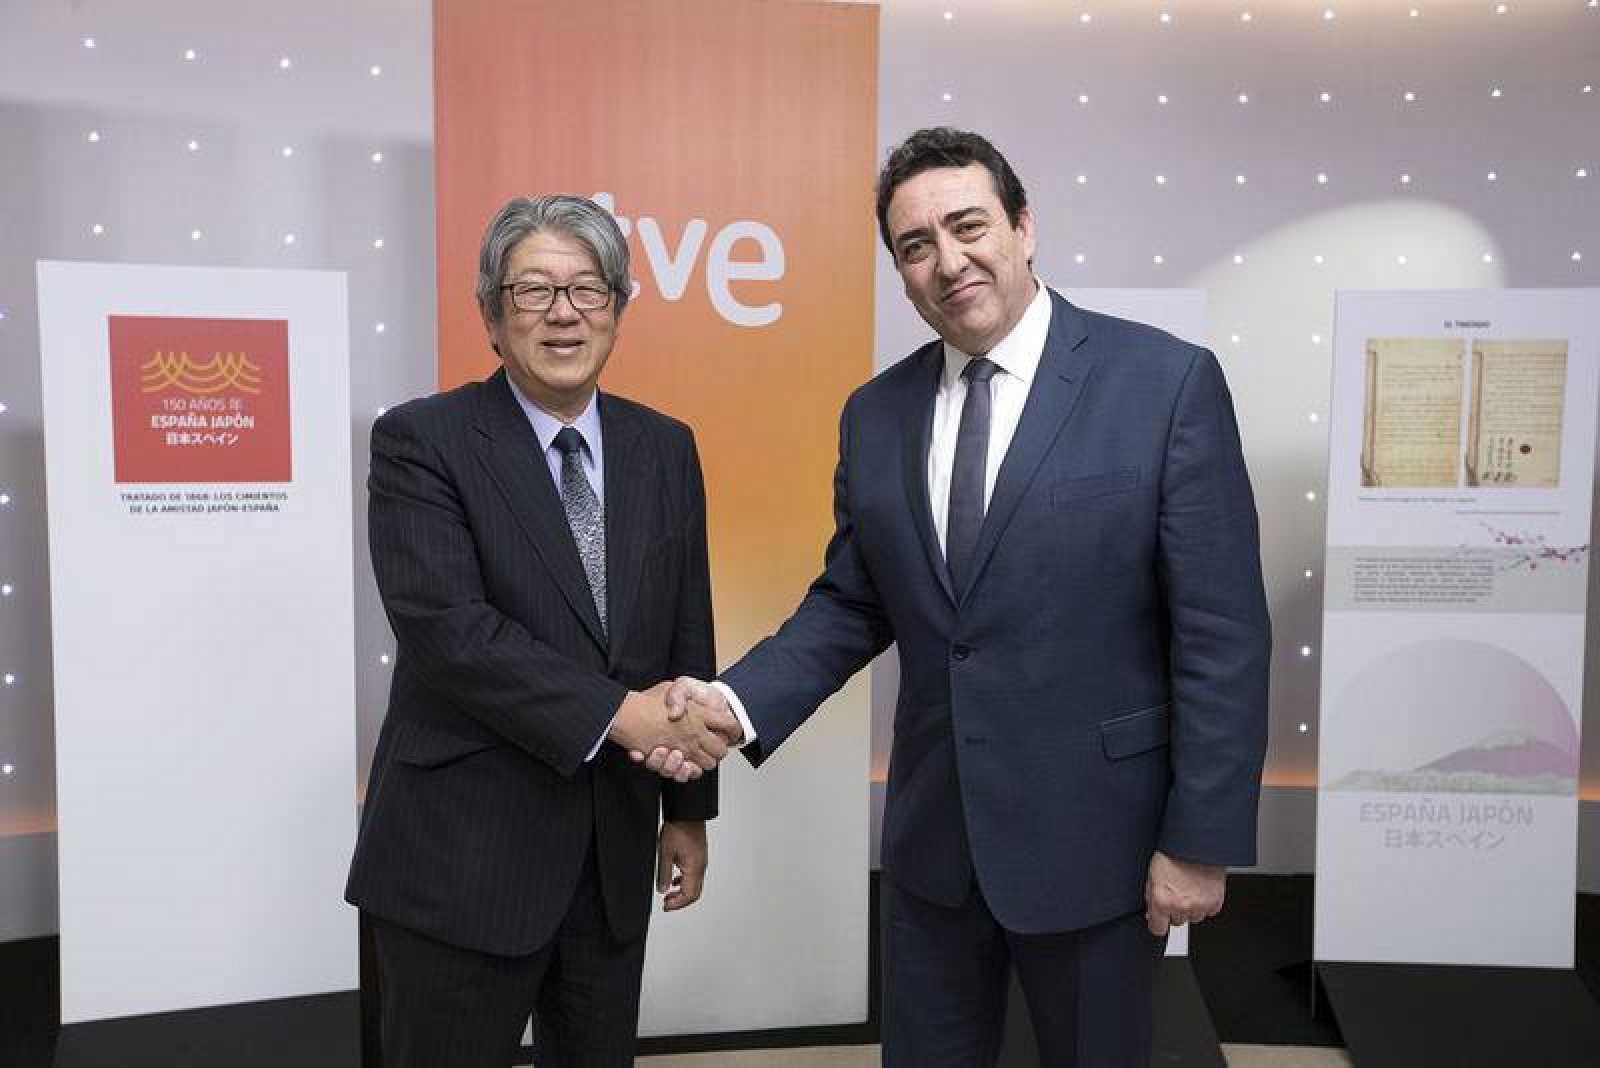 El embajador de Japón en España, Masashi Mizukami, y el director de La 2, Juan Manuel Hidalgo, durante la presentación de la programación especial